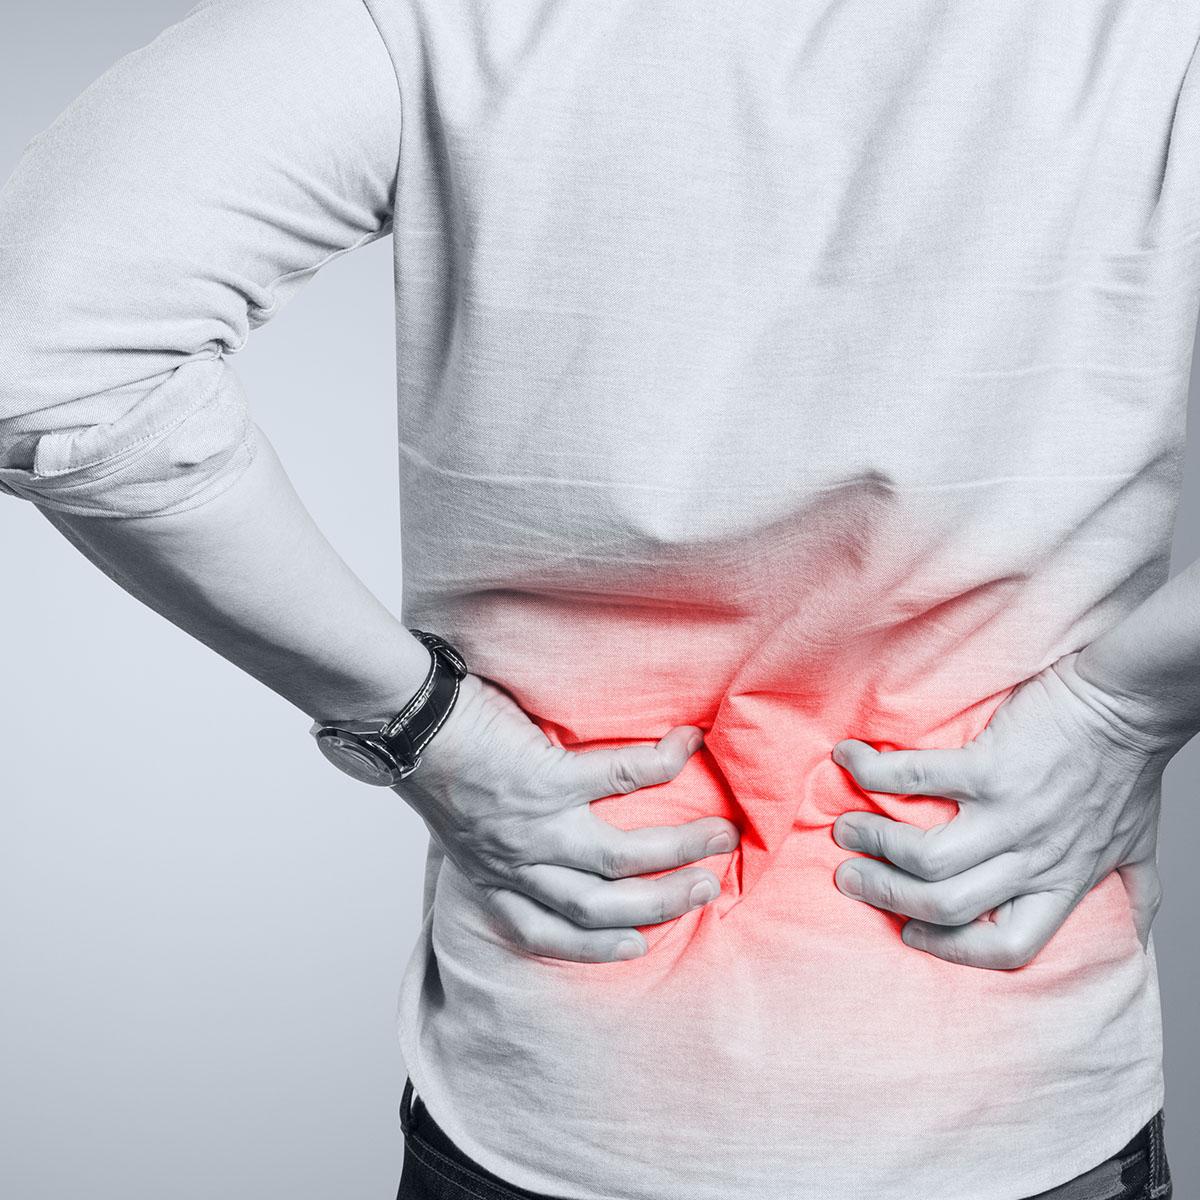 Bolestivé vertebrogenní syndromy